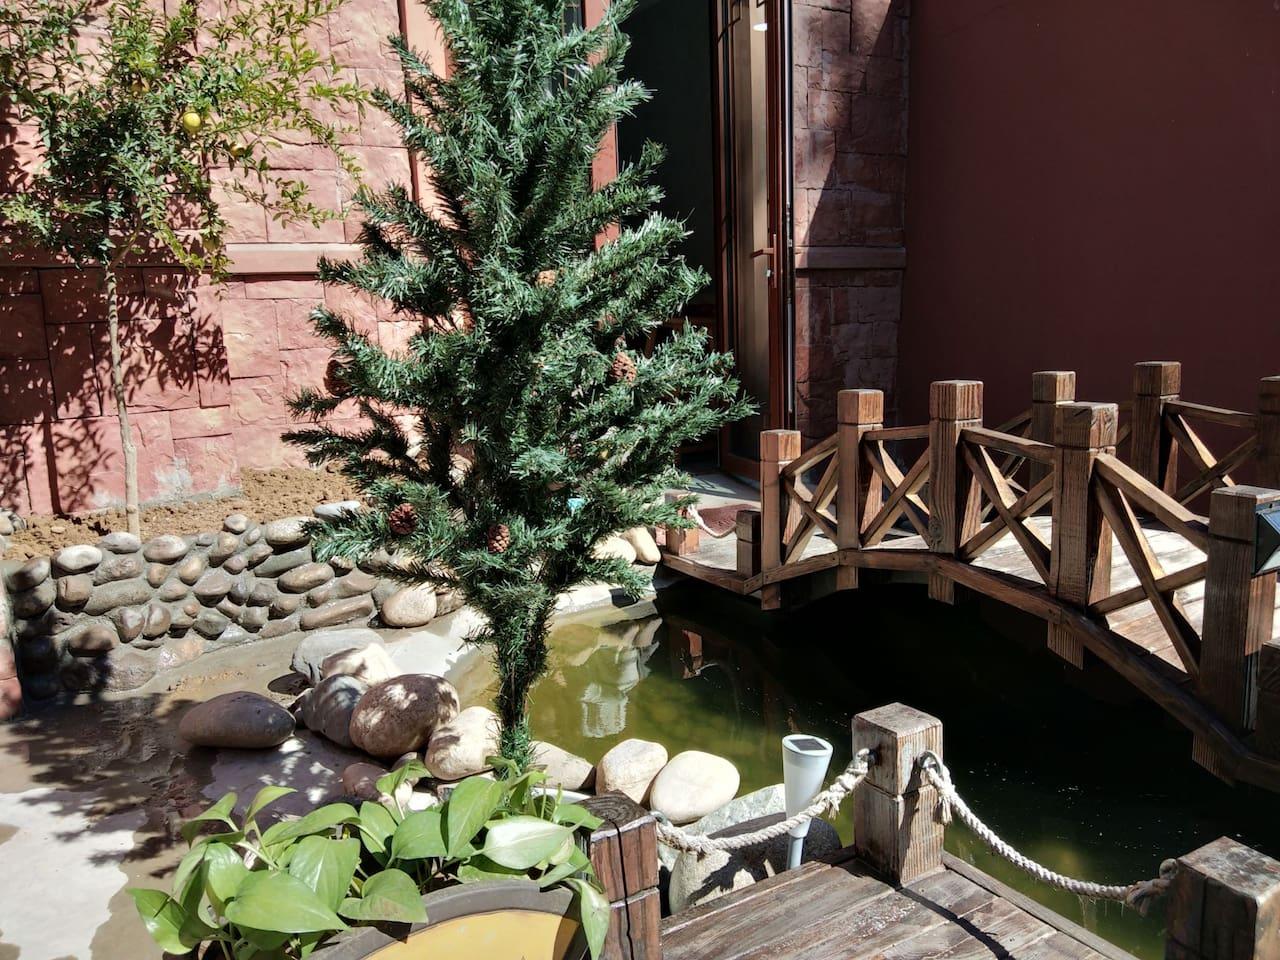 庭院是共享区域,可以观山,看看鱼儿戏水